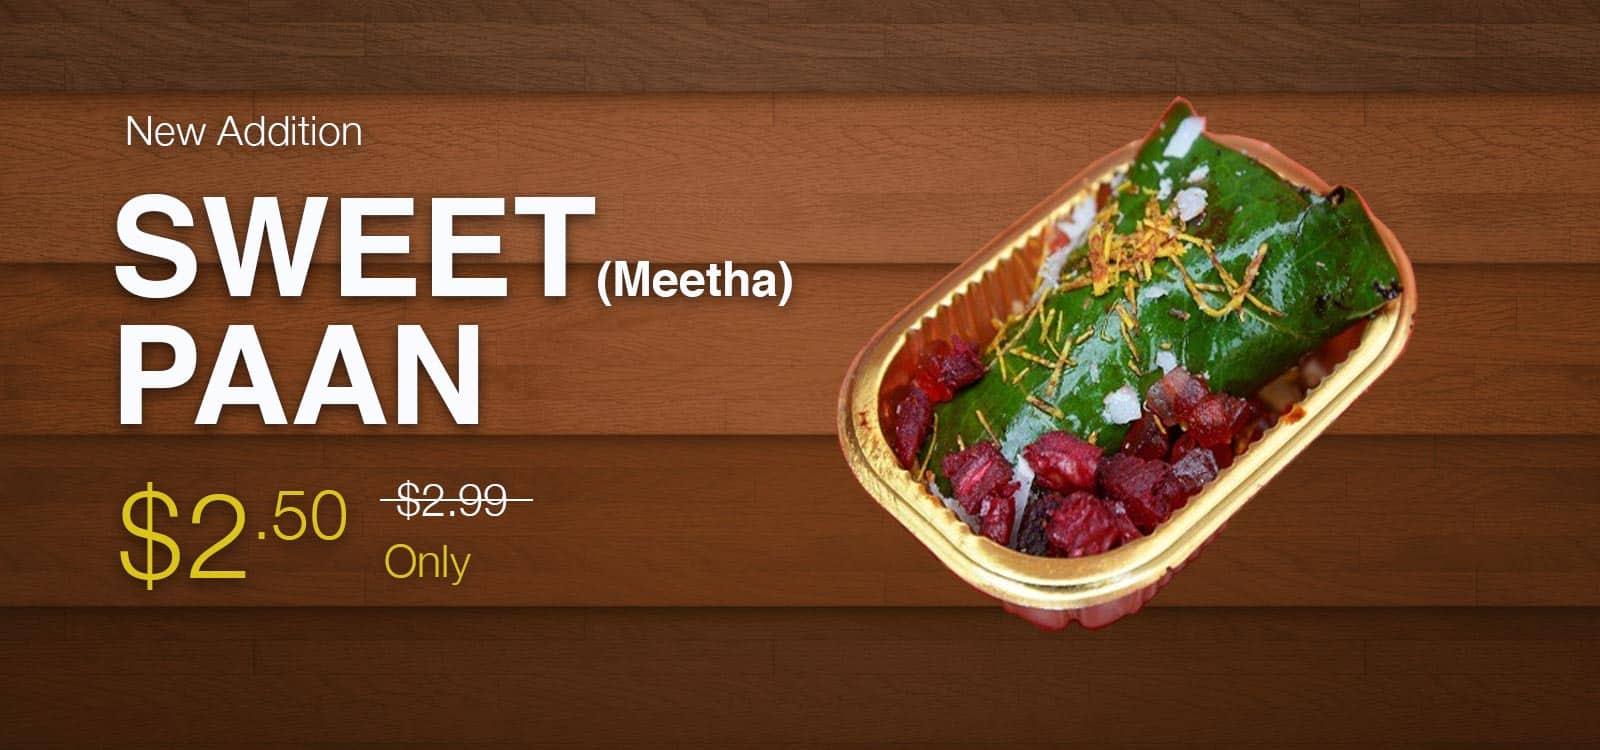 Meetha Paan